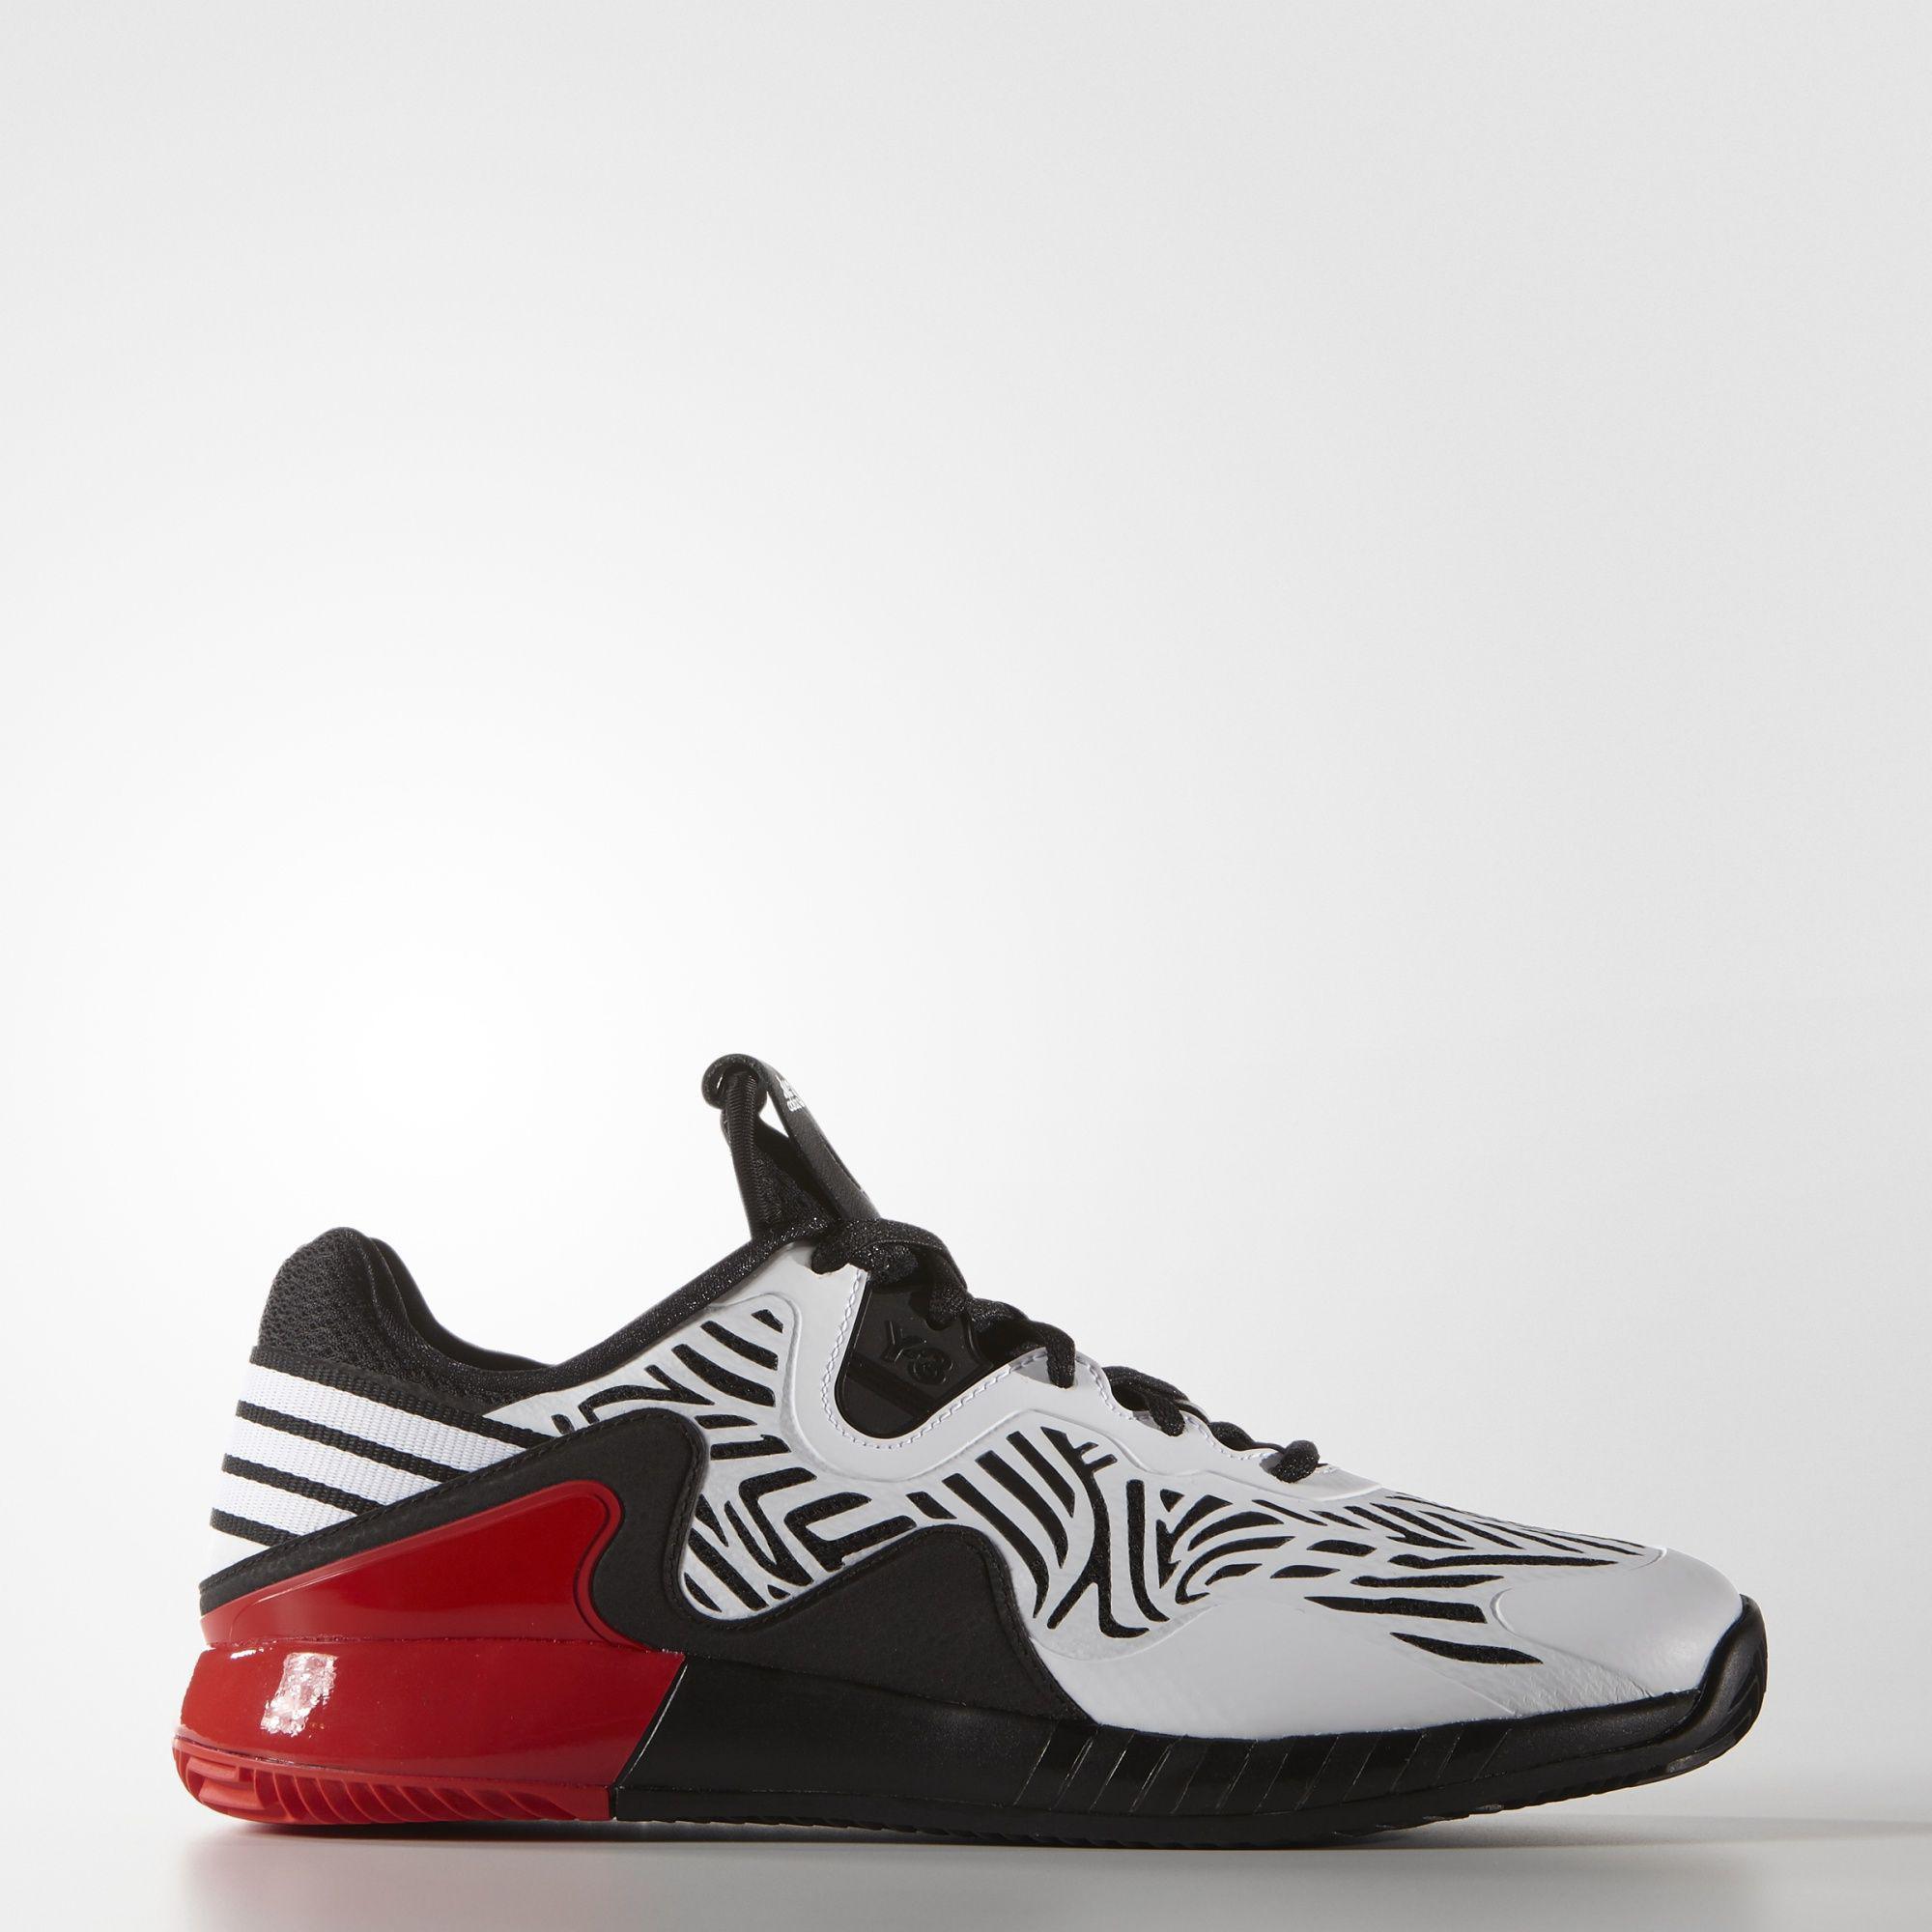 Adidas Mens Adizero Y-3 2016 Tennis Shoes - Black/White